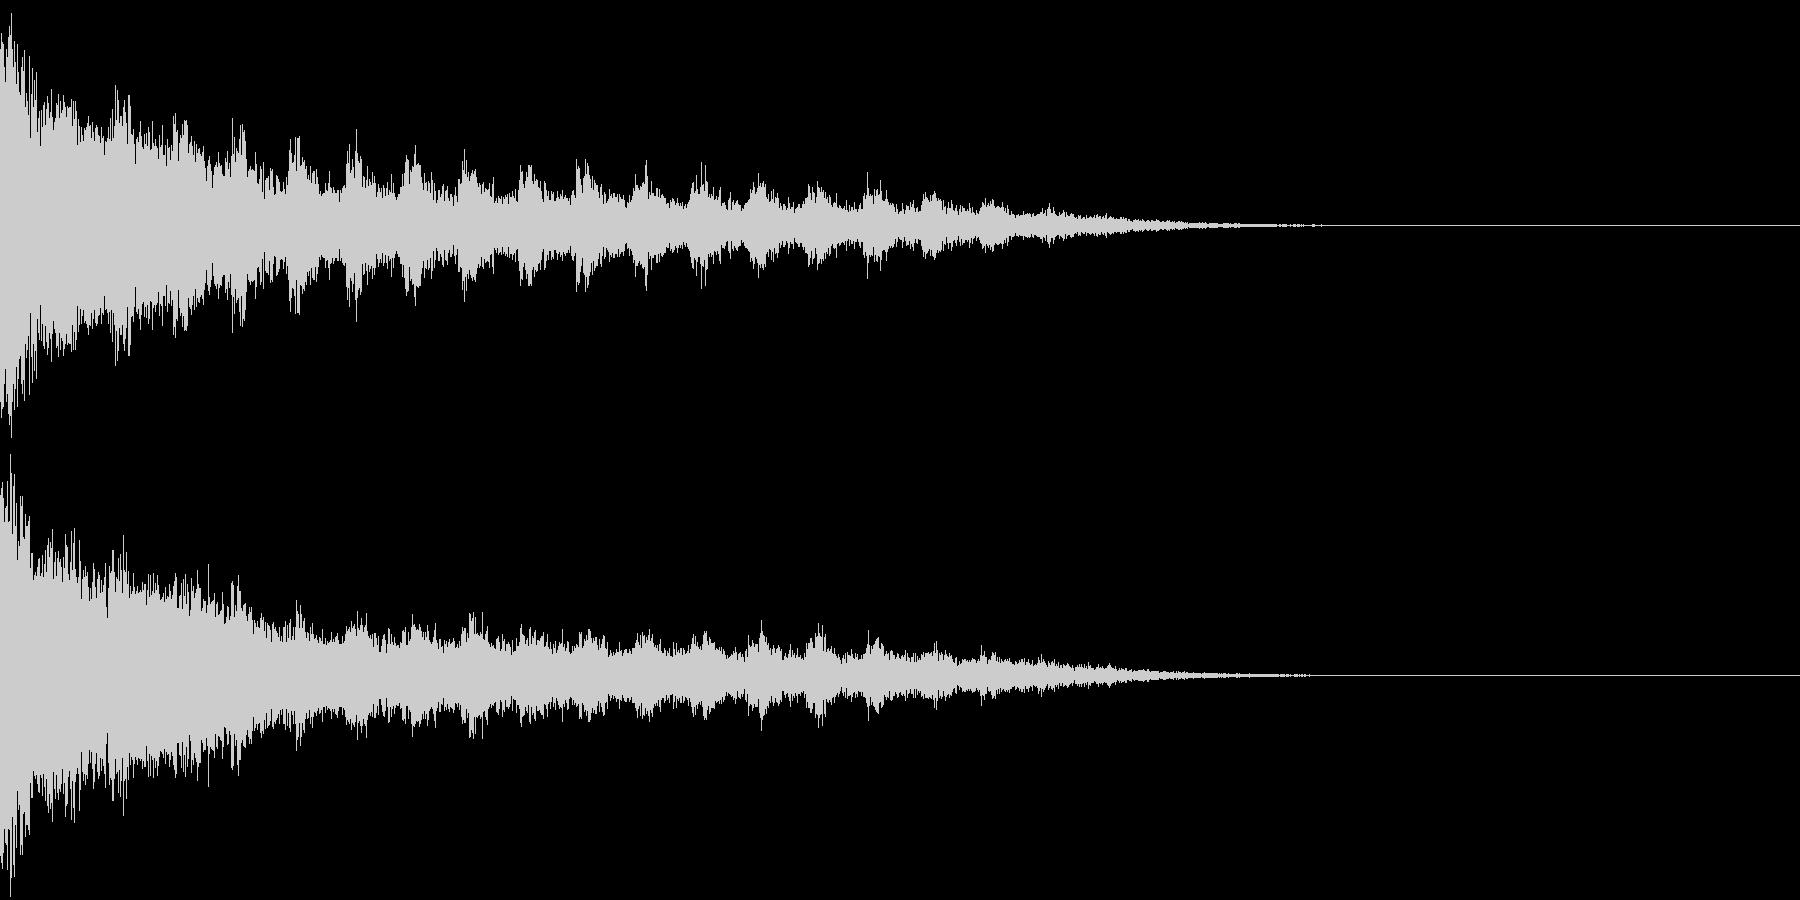 刀 剣 カキーン シャキーン 目立つ05の未再生の波形